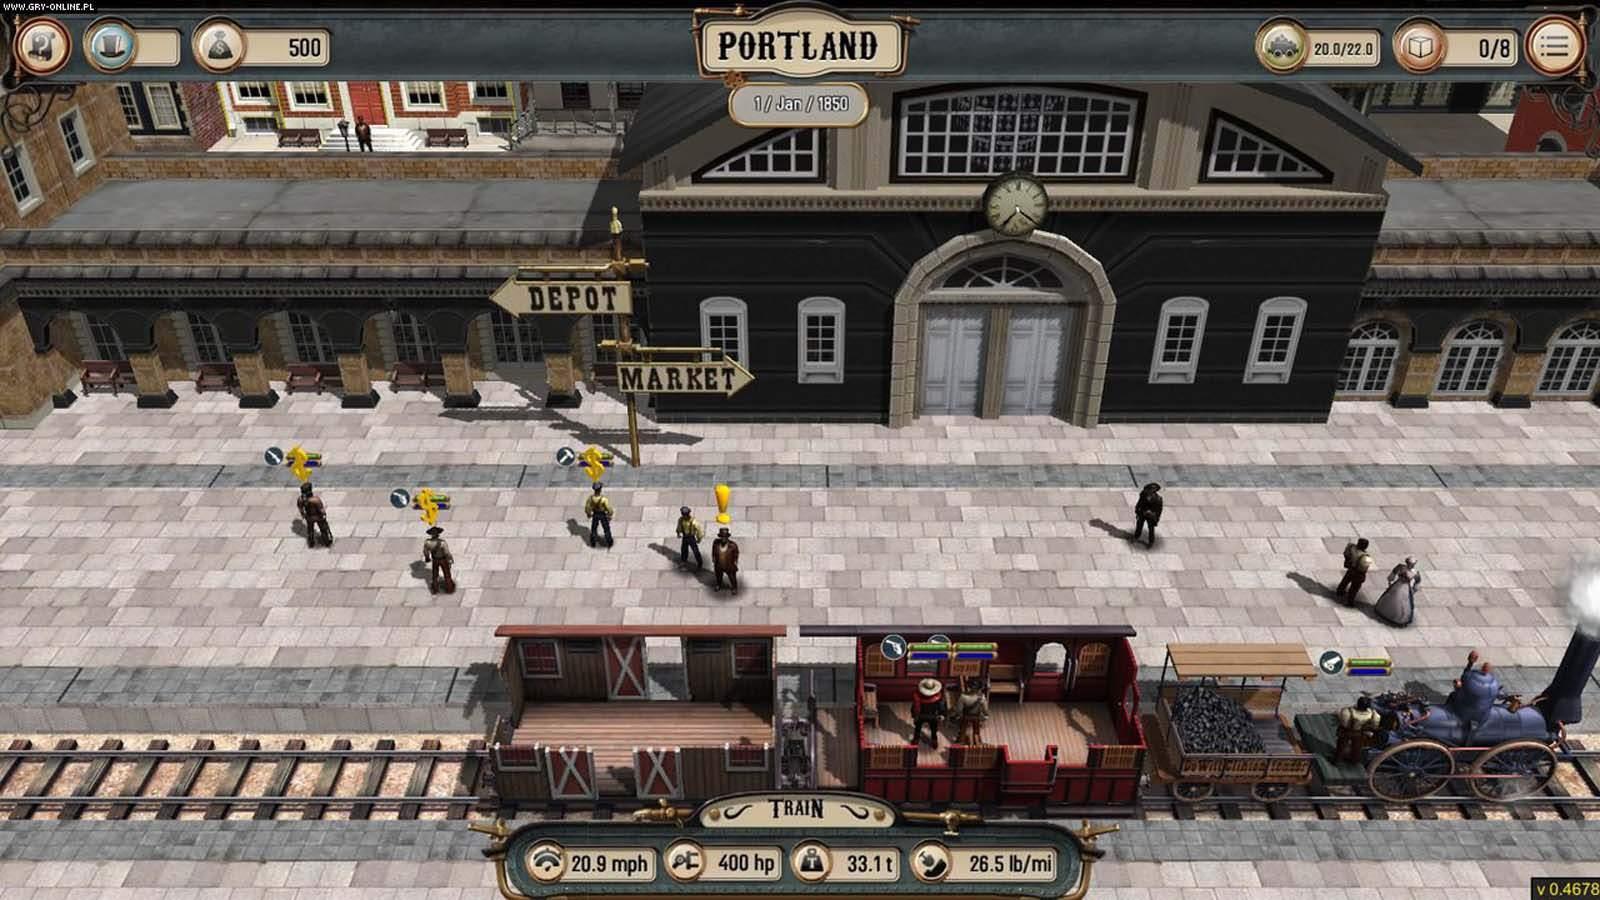 تحميل لعبة Bounty Train مضغوطة برابط واحد مباشر كاملة مجانا